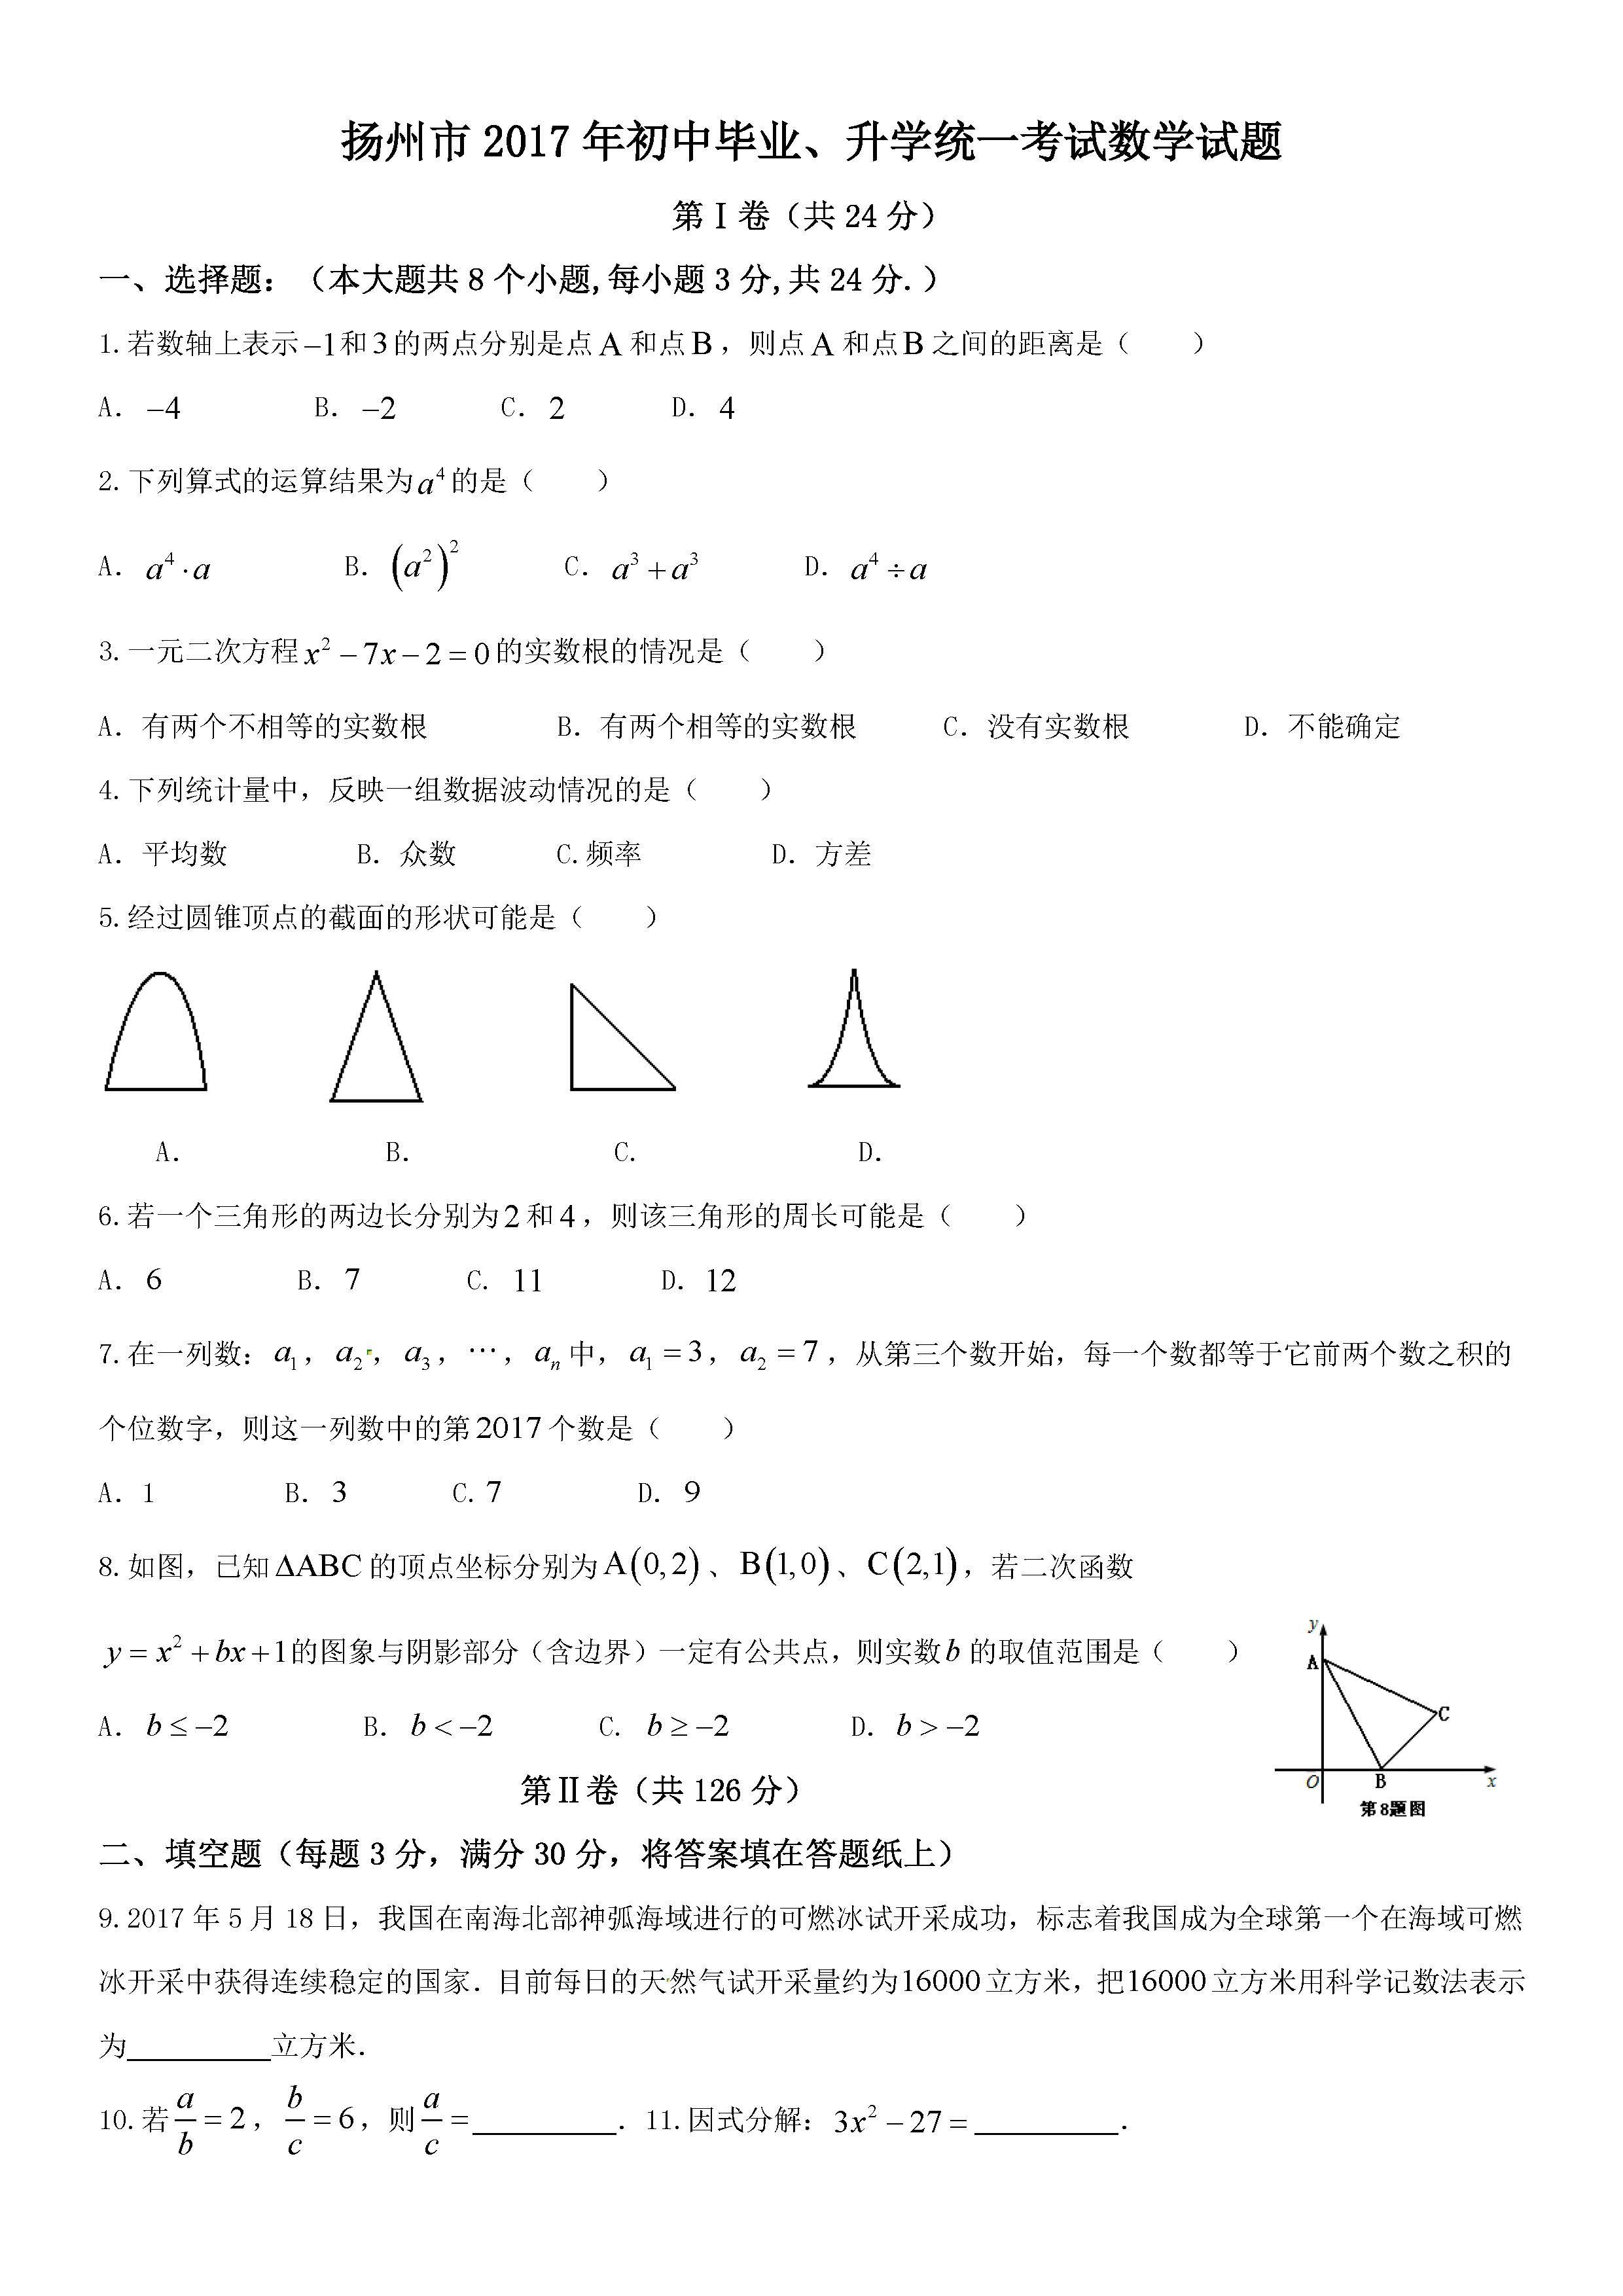 2017扬州中考数学试题及答案解析(图片版含答案)